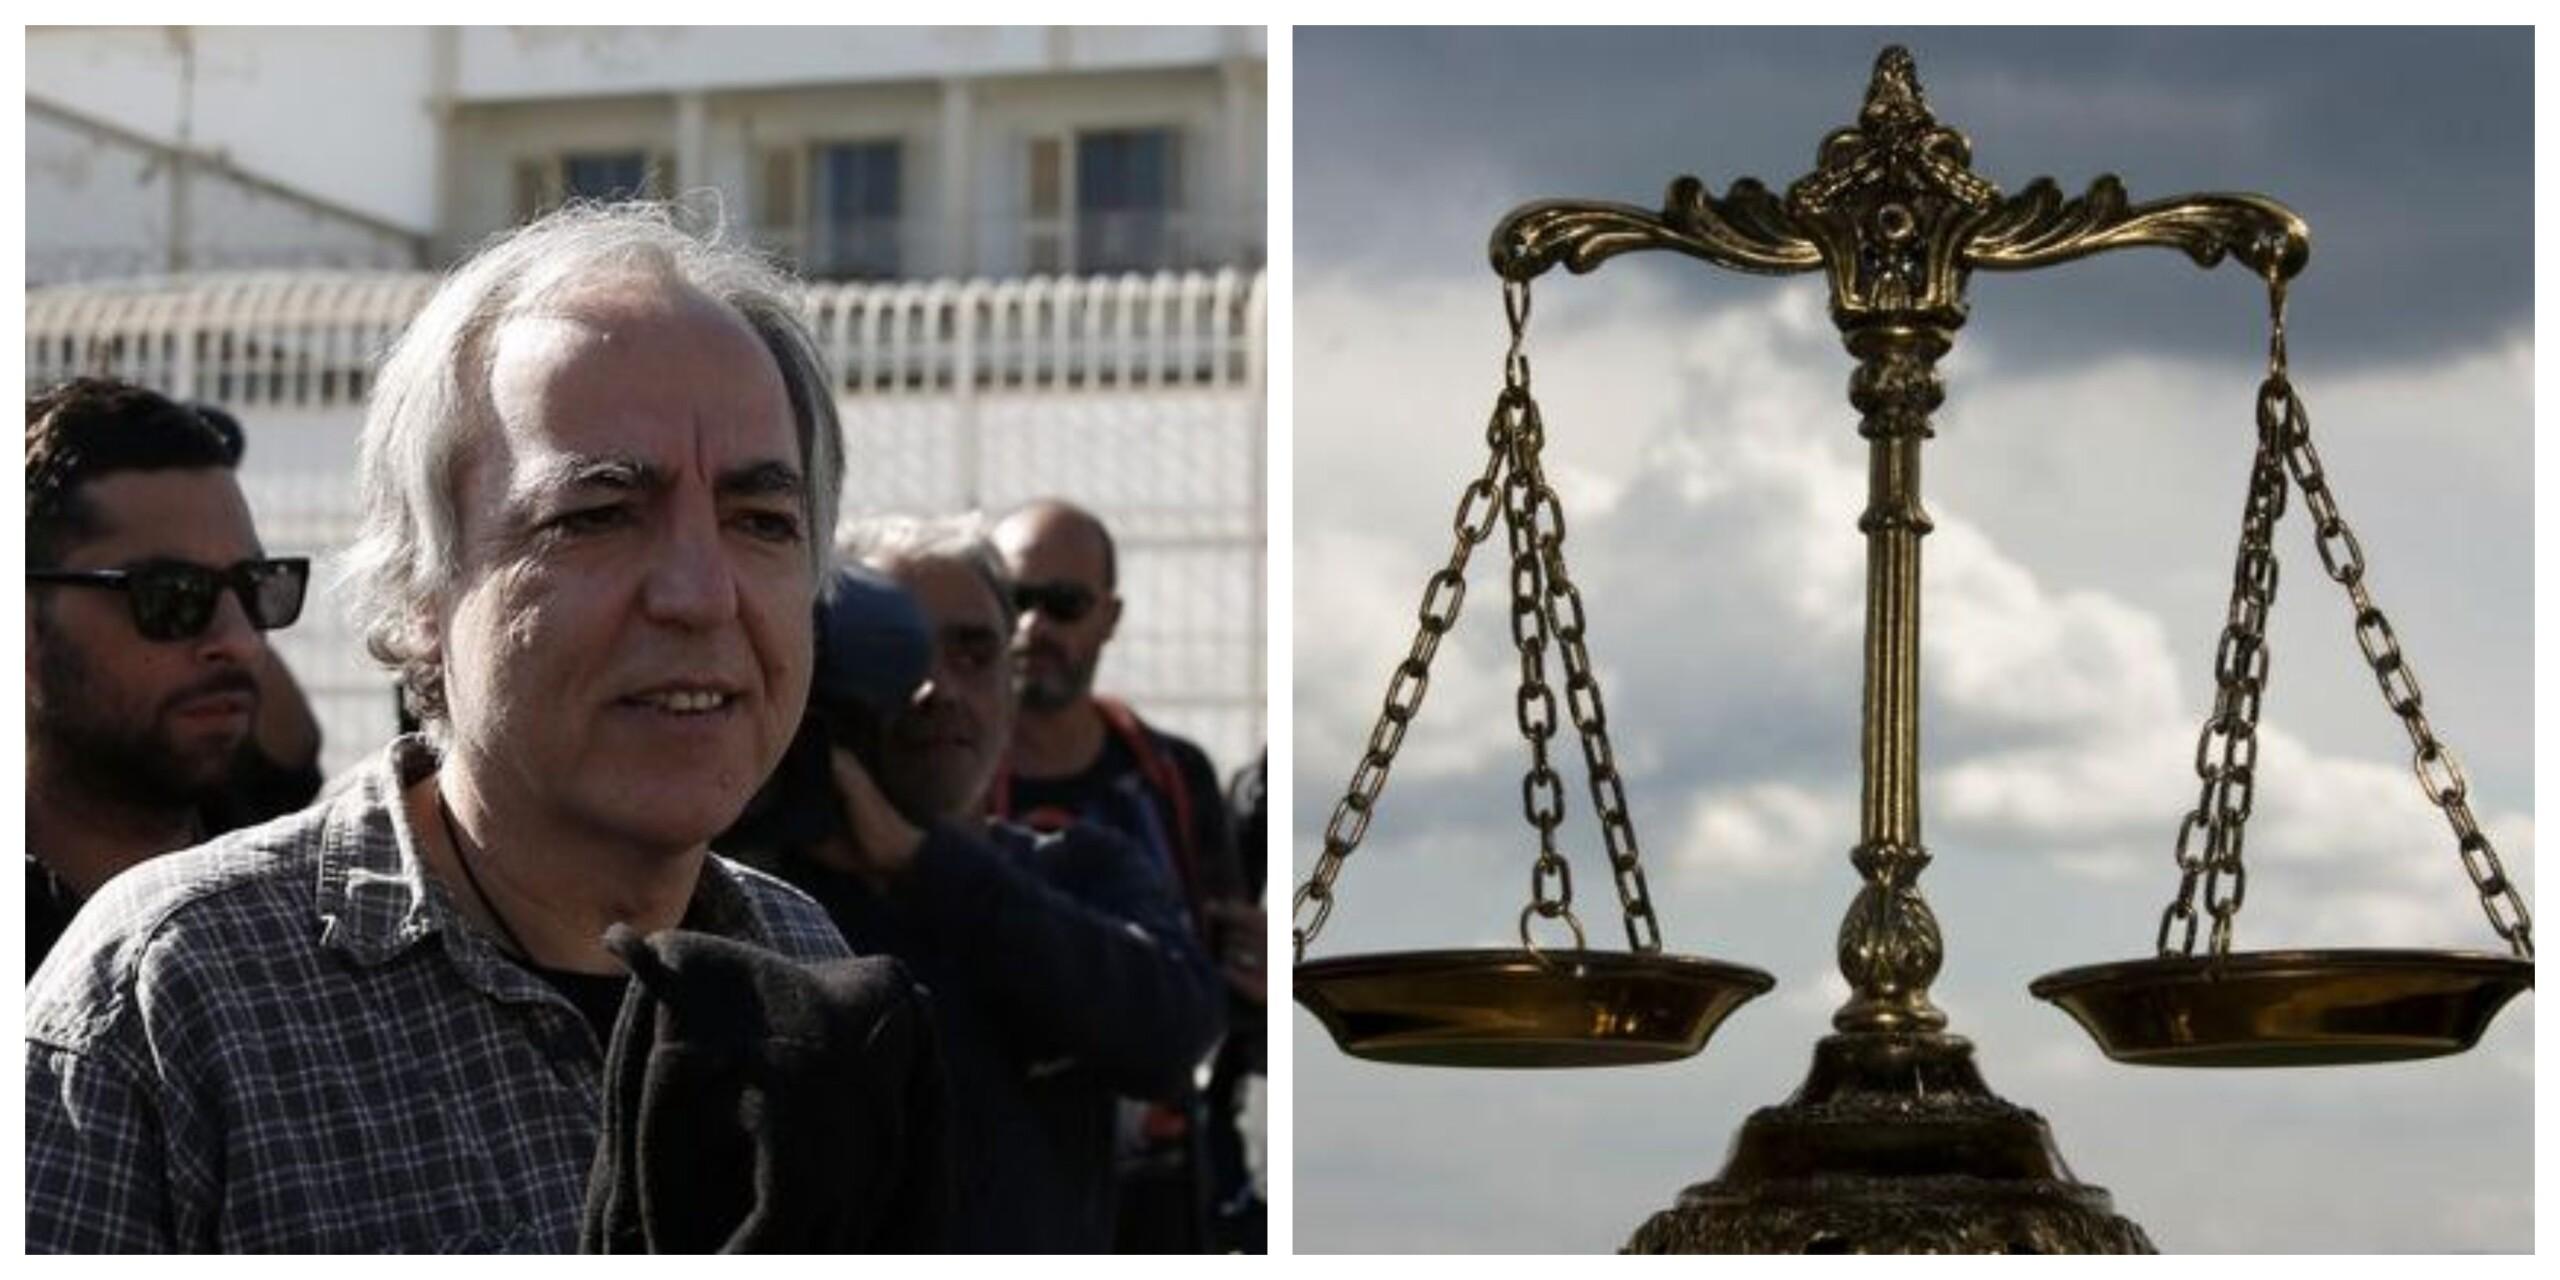 Πρωτοδικείο Λαμίας: Σήμερα εισάγεται η δεύτερη αίτηση του Κουφοντίνα – Τι είπε μετά την απόρριψη της αίτησης αναβολής της ποινής του – ΒΙΝΤΕΟ